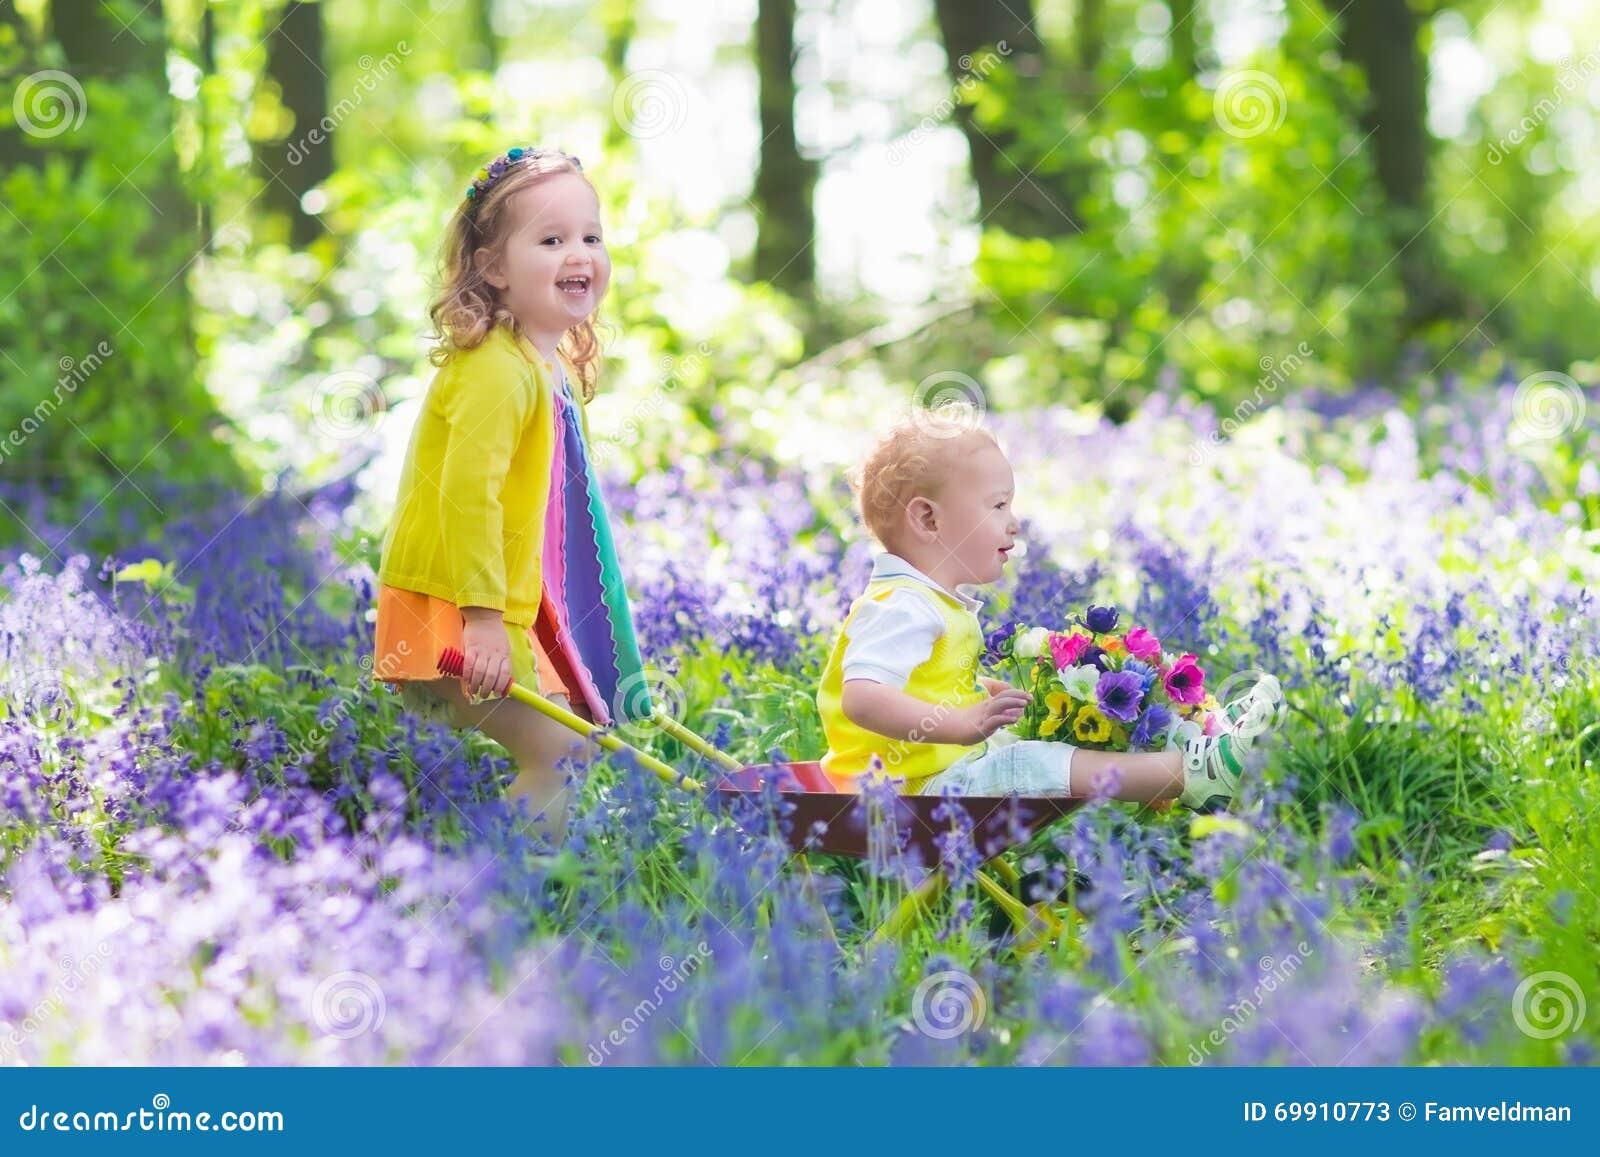 Bambini In Un Giardino Con I Fiori Di Campanula Fotografia